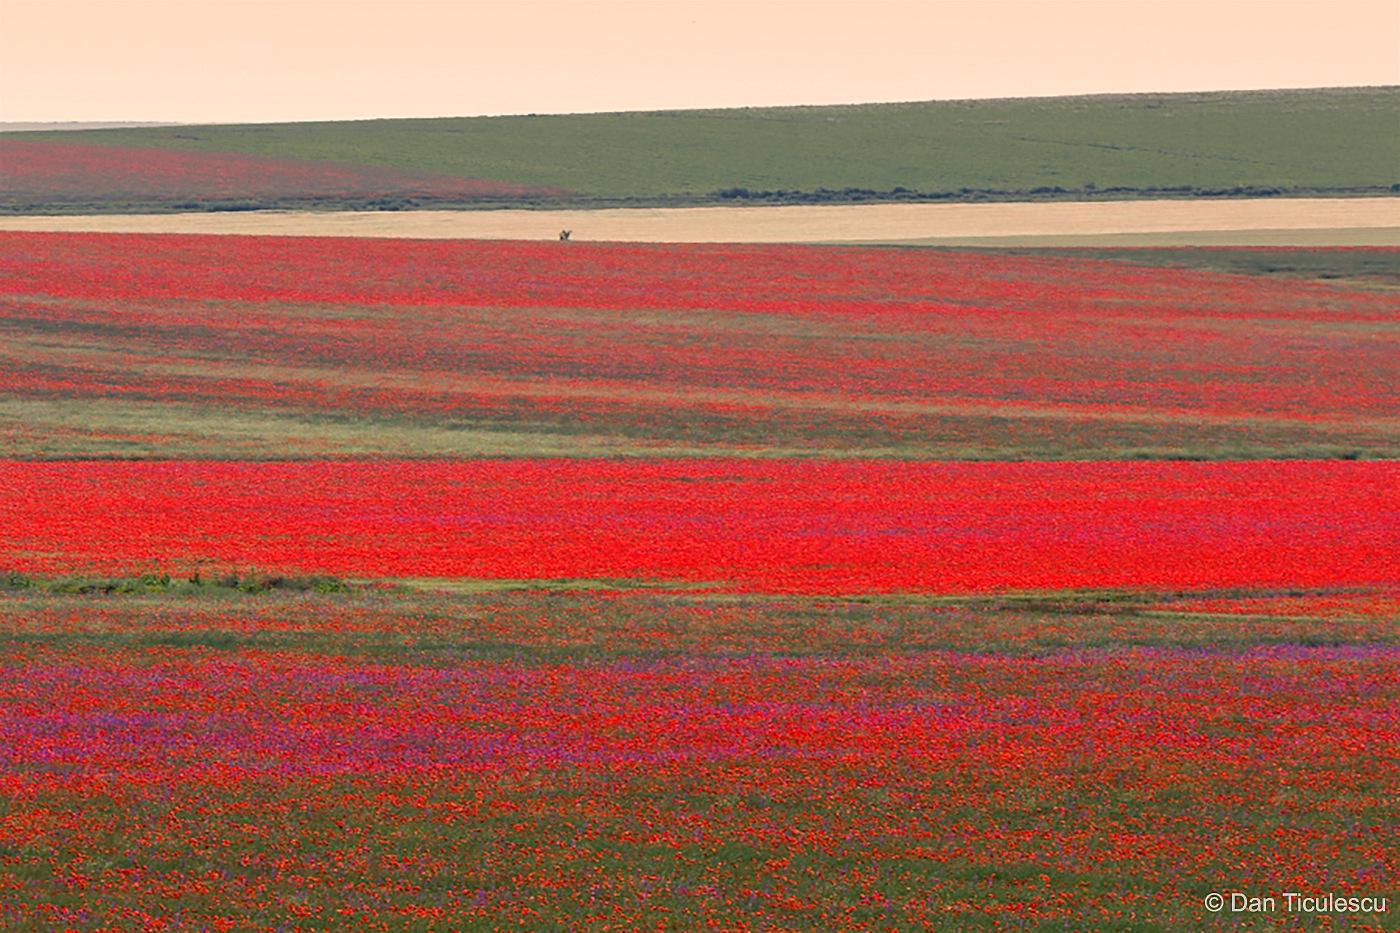 Poppies by Dan Ticulescu